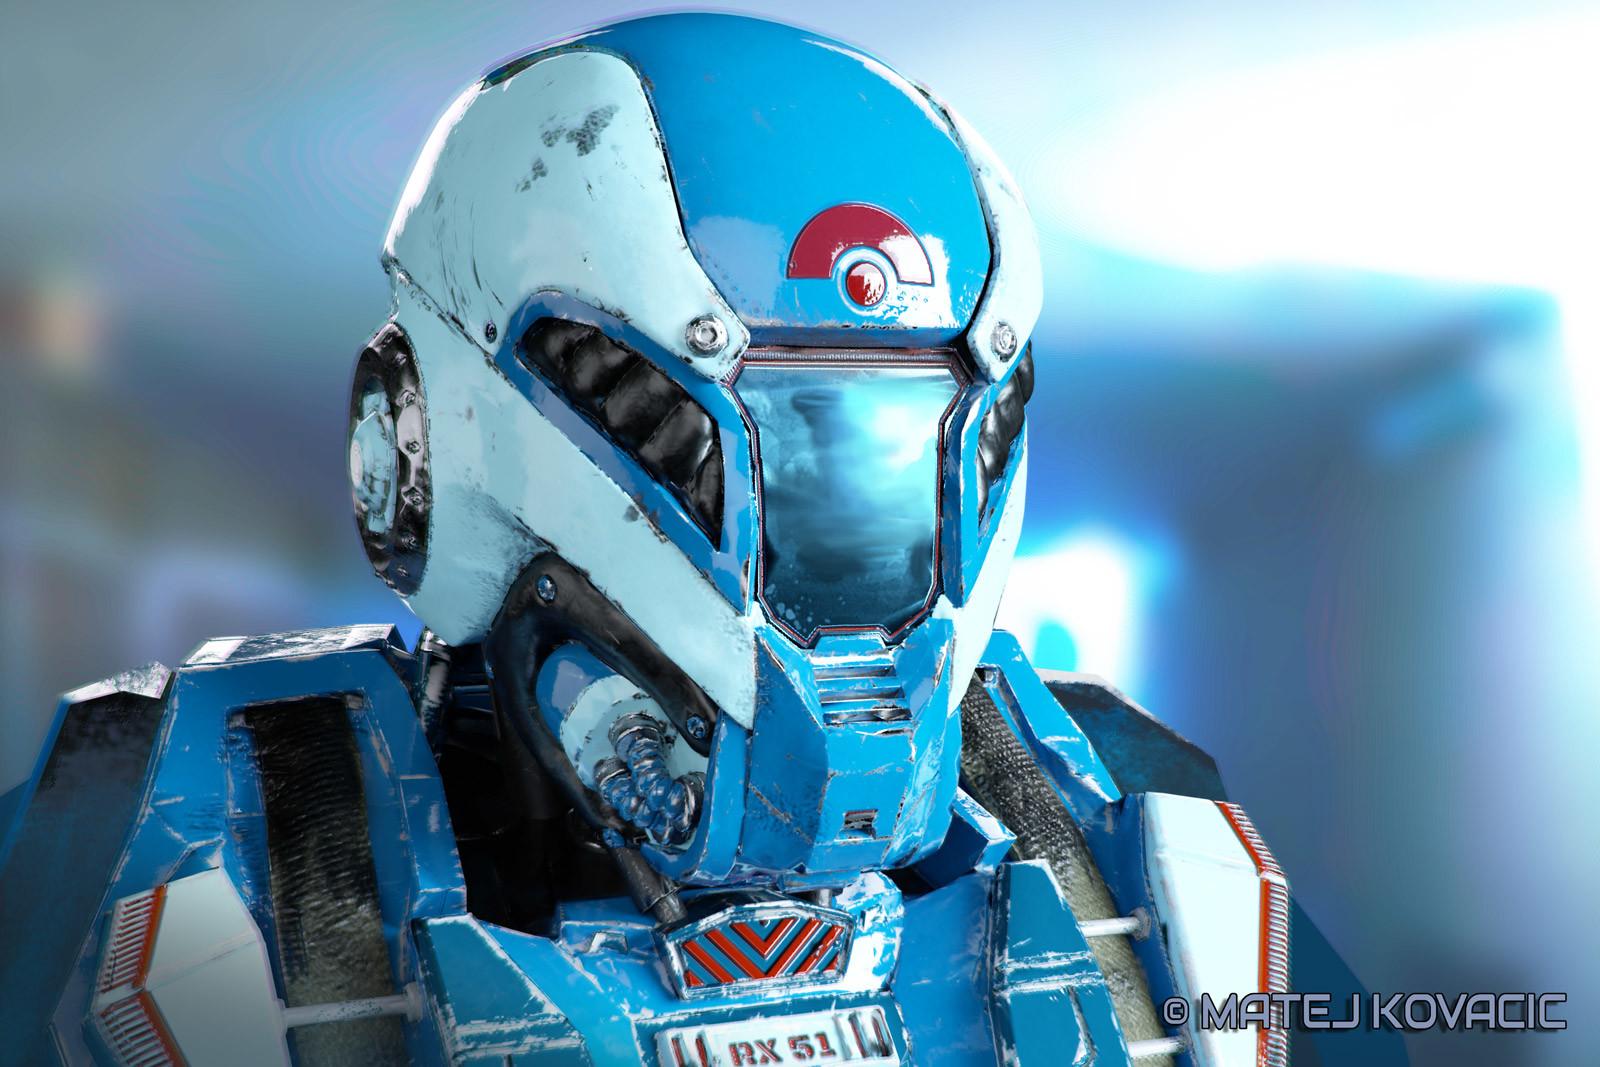 Sci-Fi Helmet RX 51